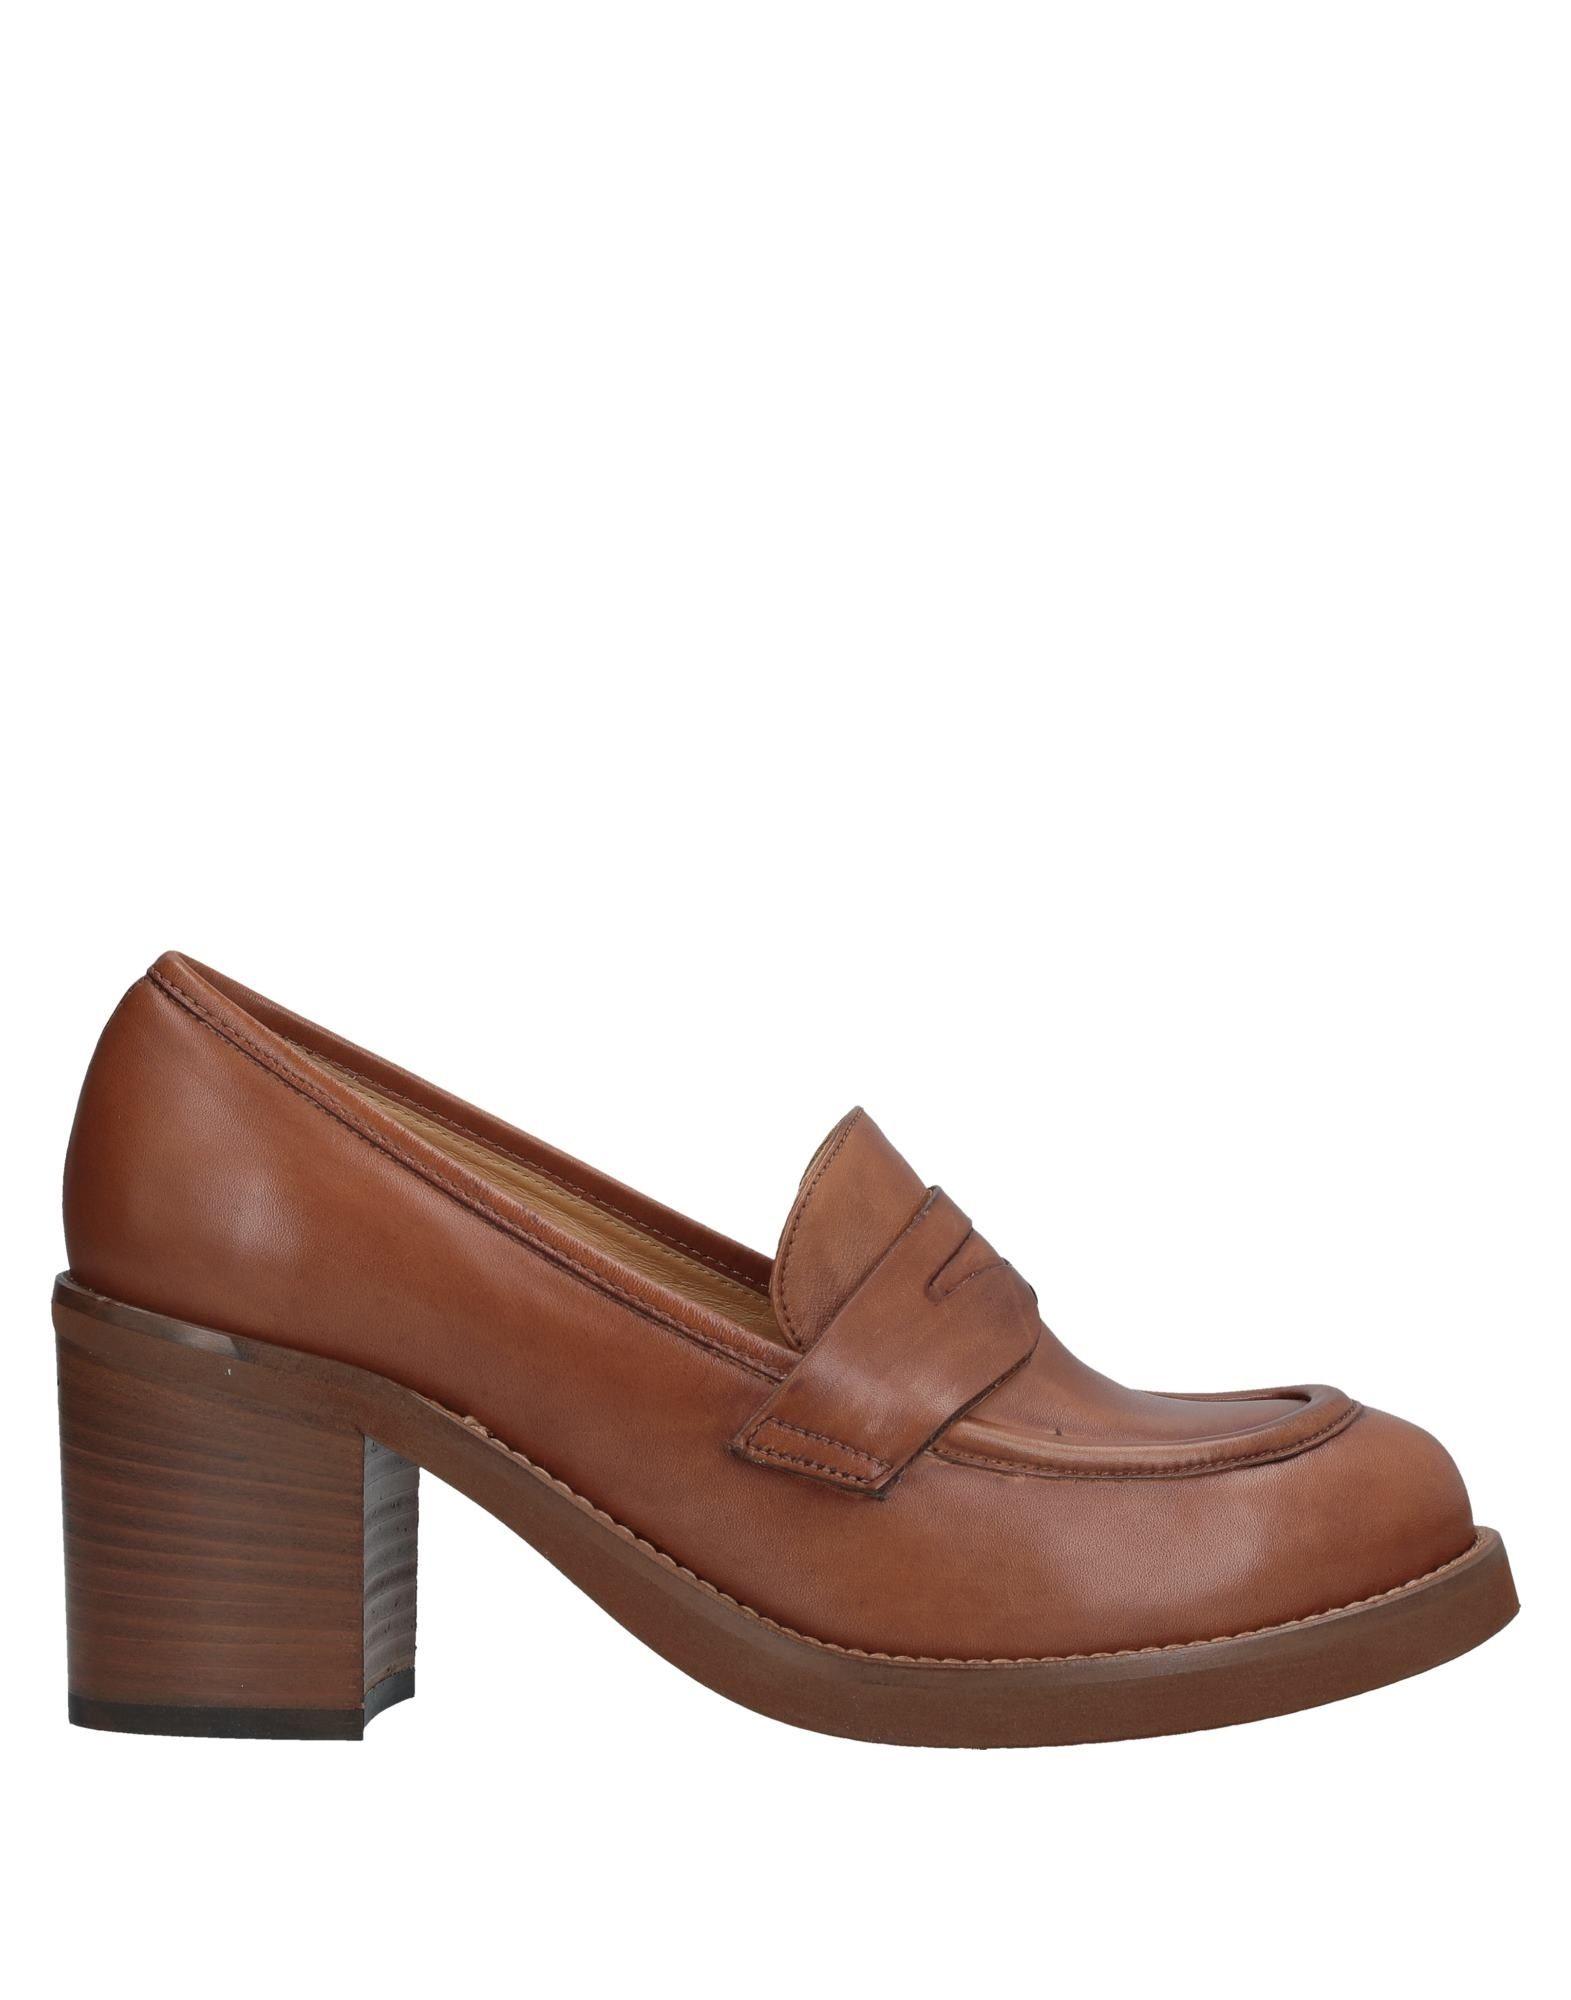 Pf16 Mokassins Damen  11535928WX Gute Qualität beliebte Schuhe